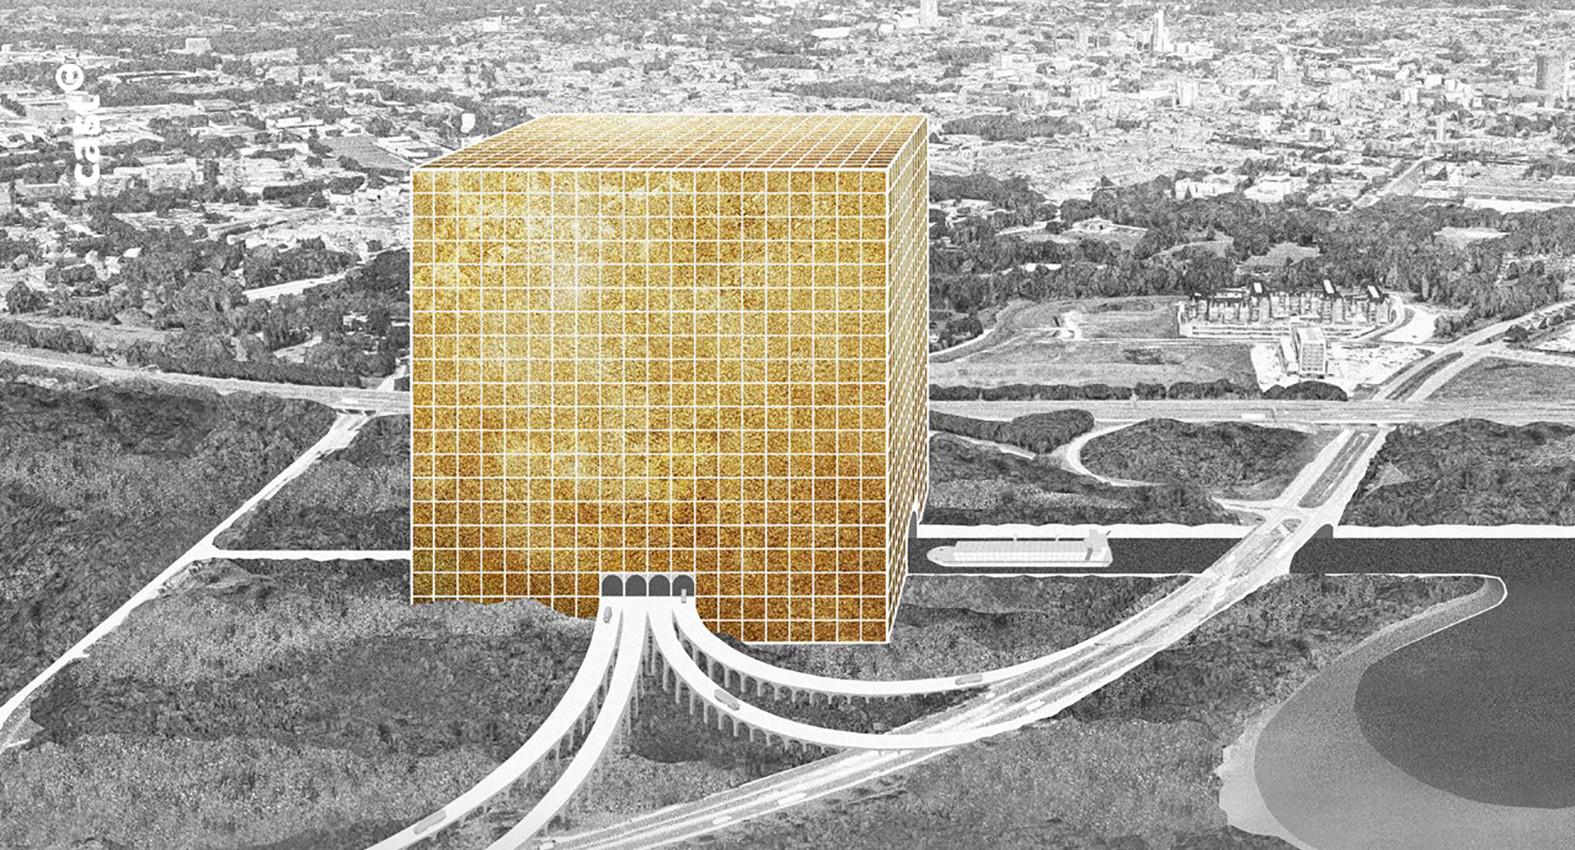 De Gouden Doos, een futuristisch distributiecentrum aan de A58 in Tilburg, ontworpen door Vincent van Heesch, Bram van de Sanden, Lex Hildenbrant en Nout Sterk.